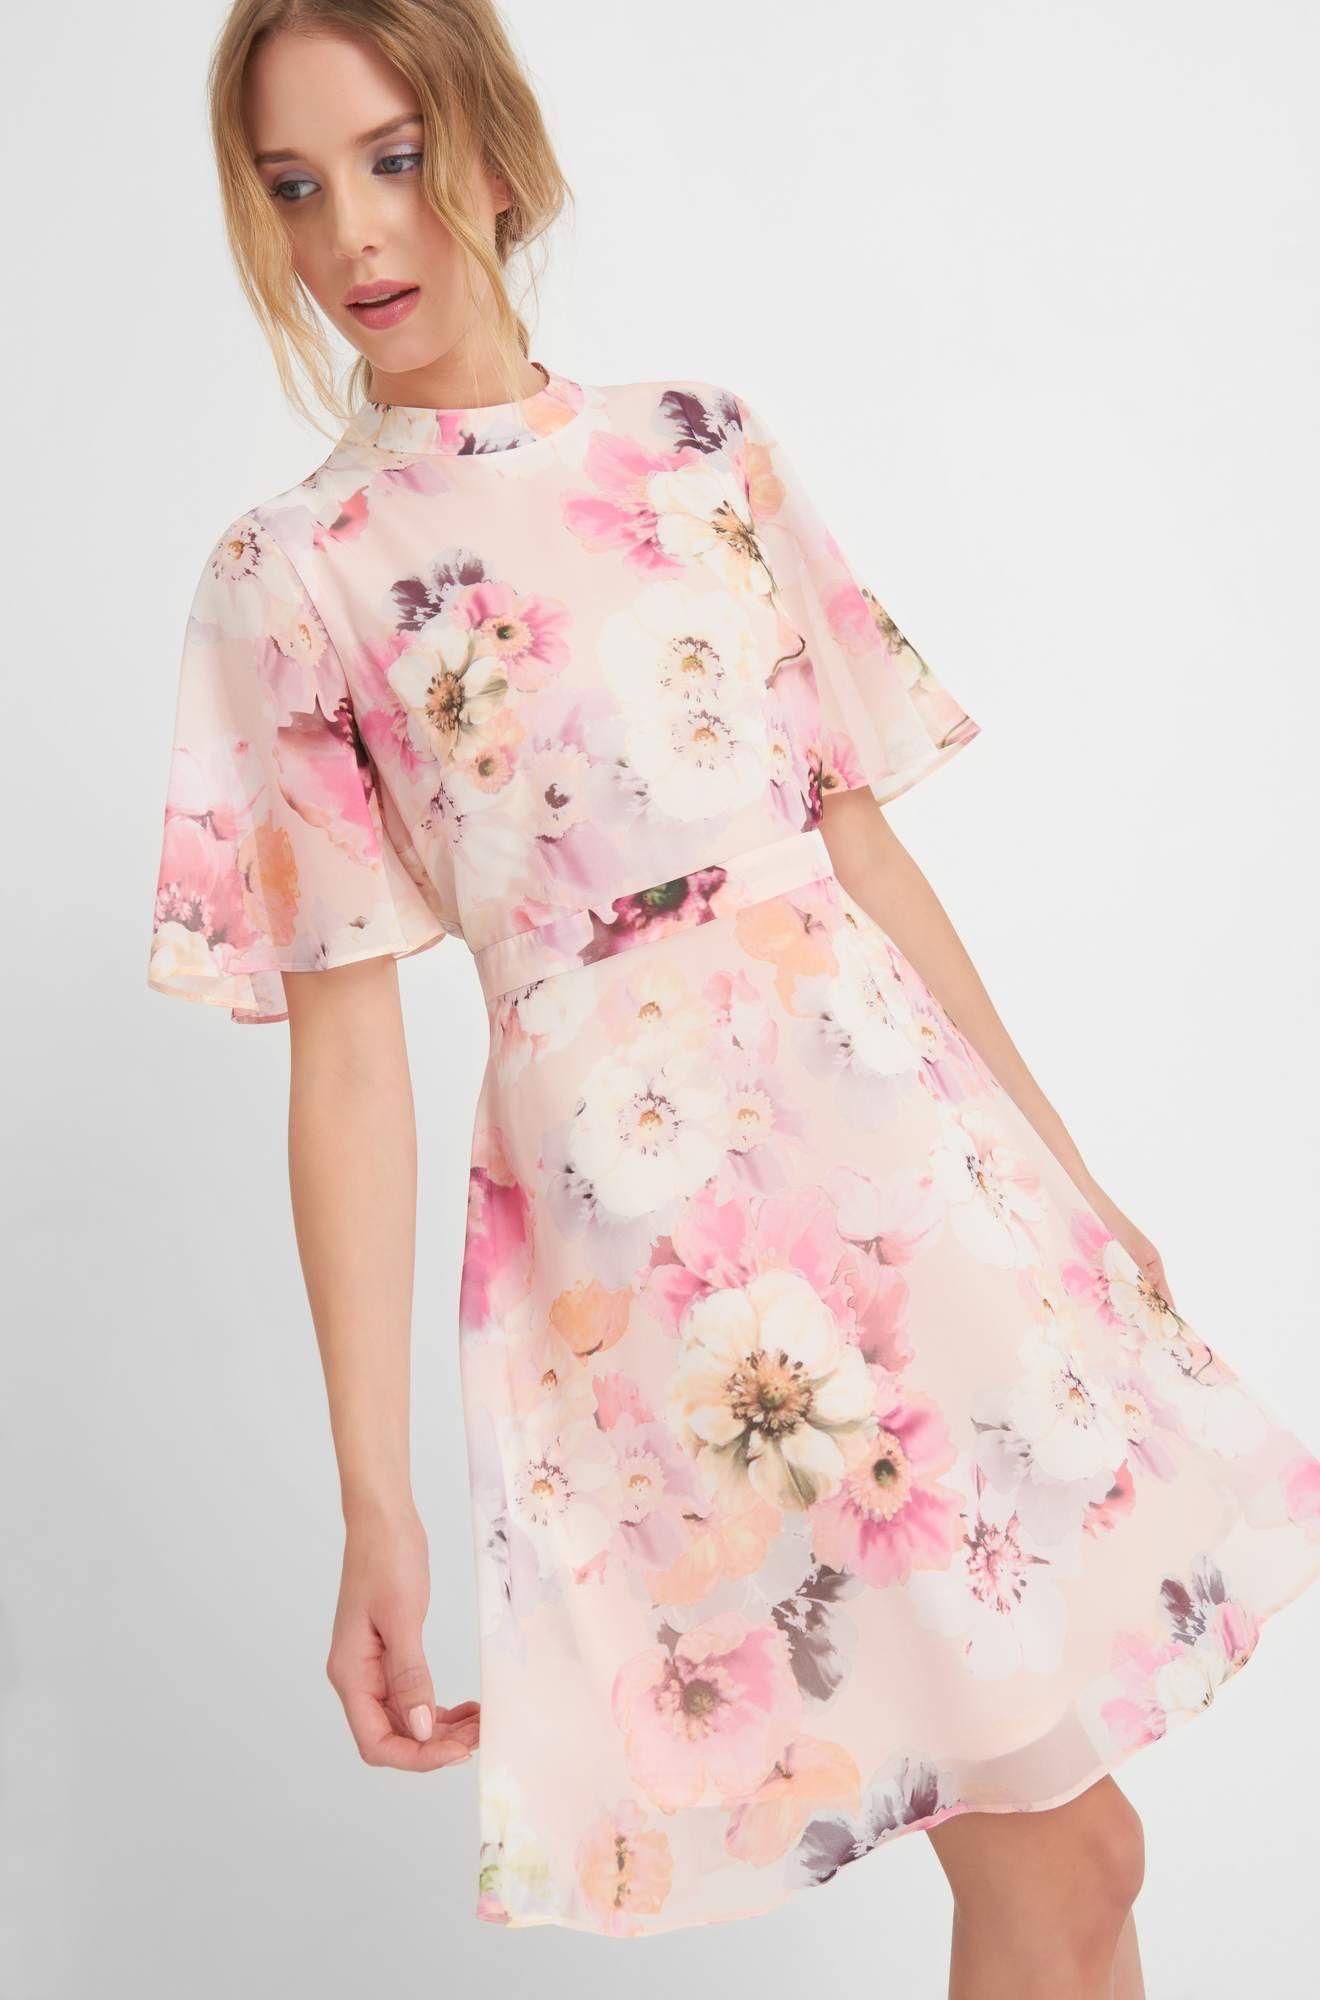 Luftiges Blumenkleid  ORSAY  Kleider, Blumenkleid, Abendkleid